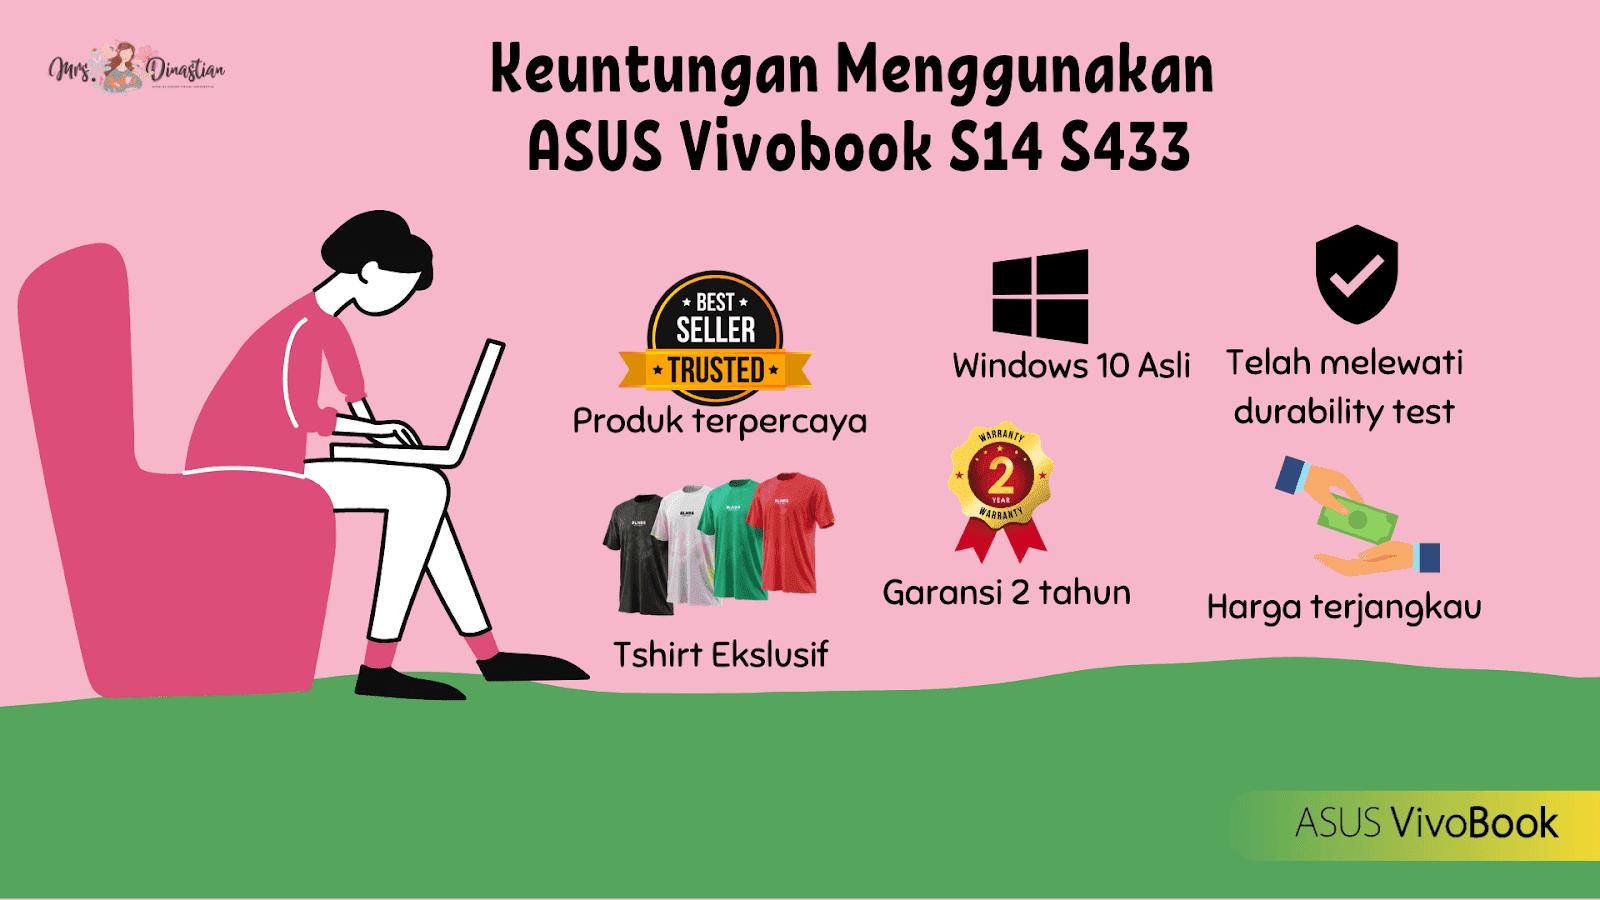 Keuntungan Menggunakan ASUS Vivobook S14 S433